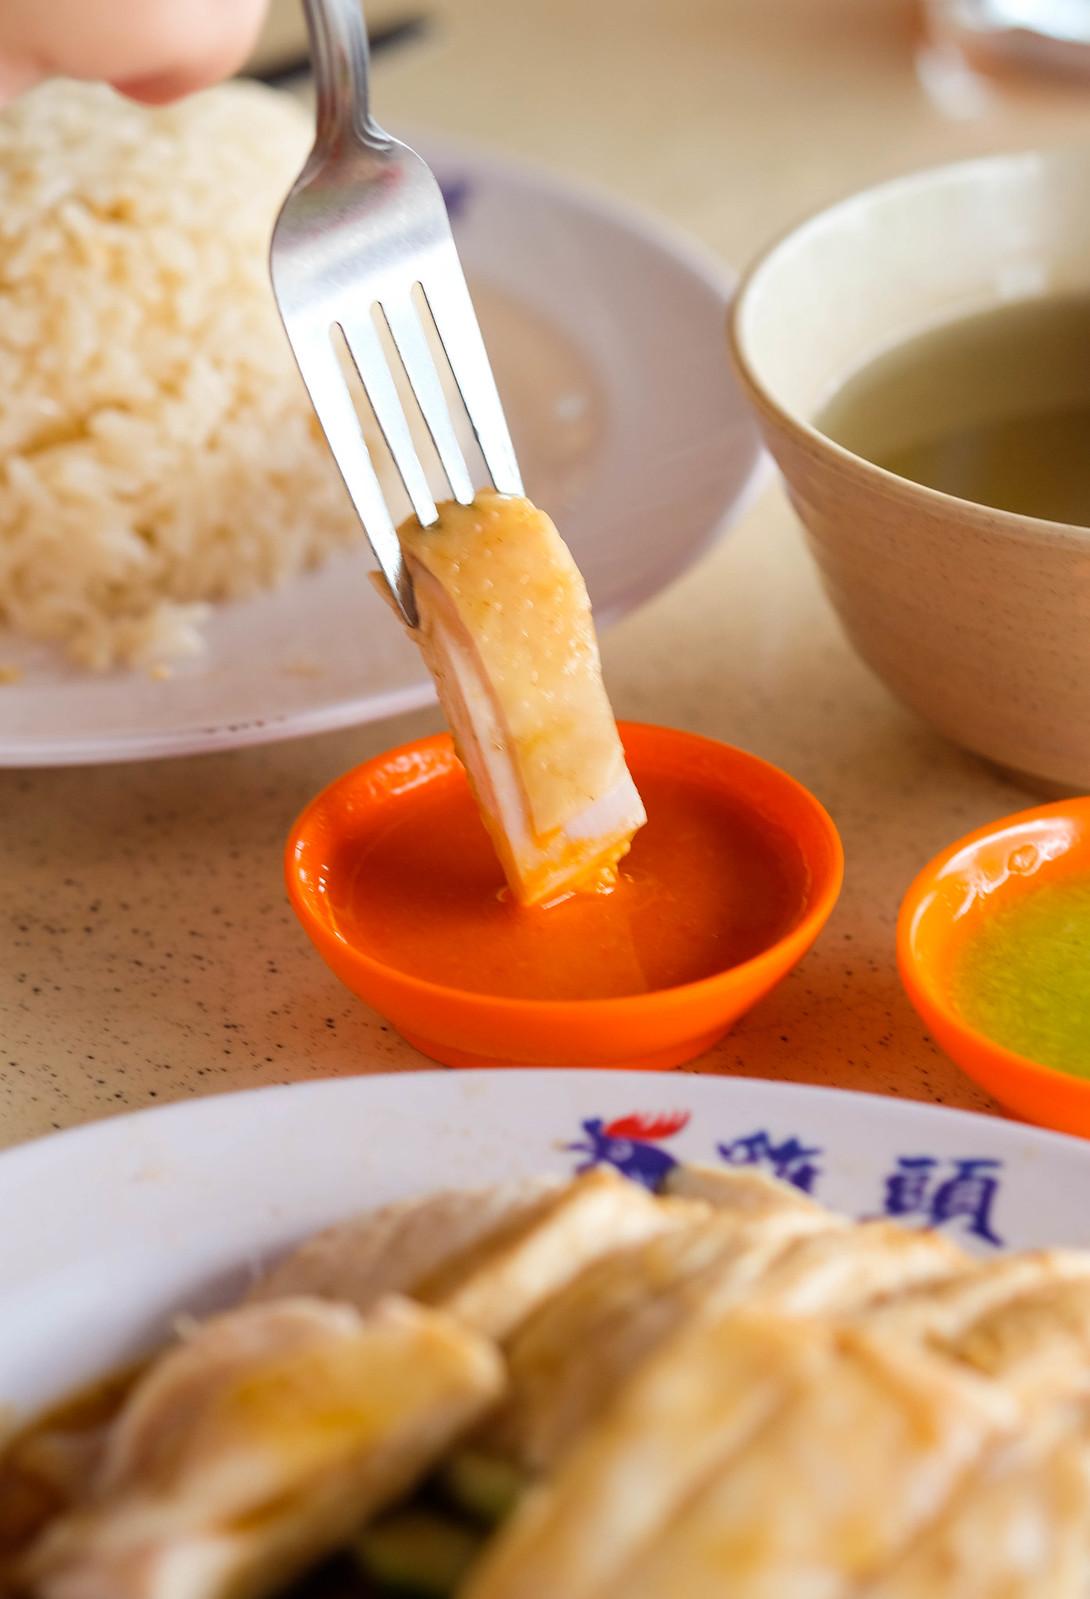 ji tou chicken rice Steamed chicken in chili